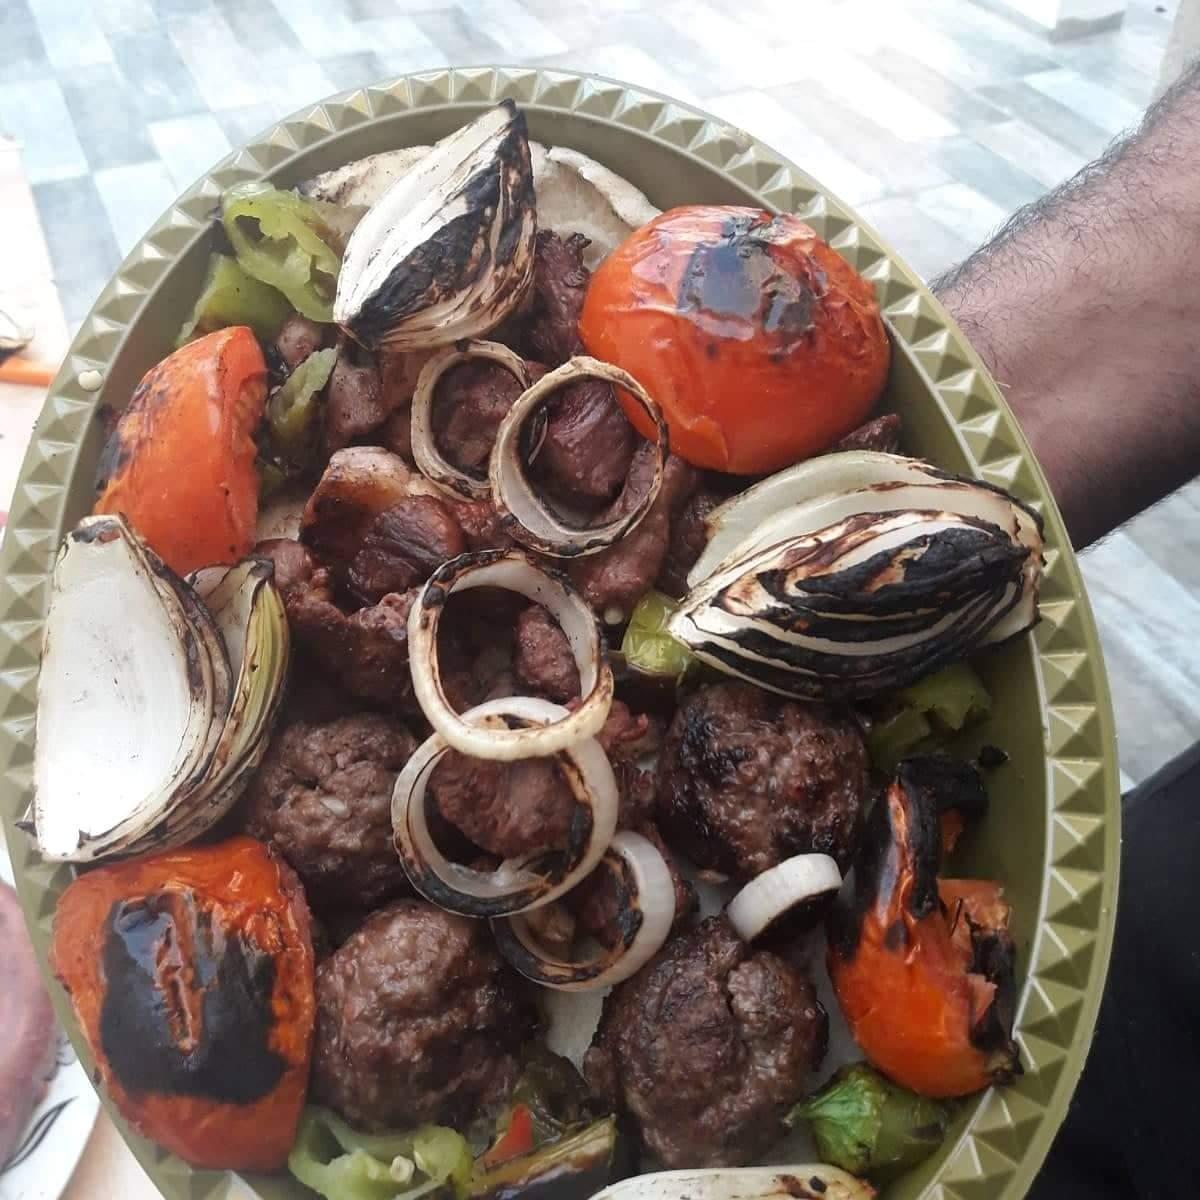 جديد في يافا - مطعم ومشاوي أبو خليل في شارع باحد يتسحاق 3